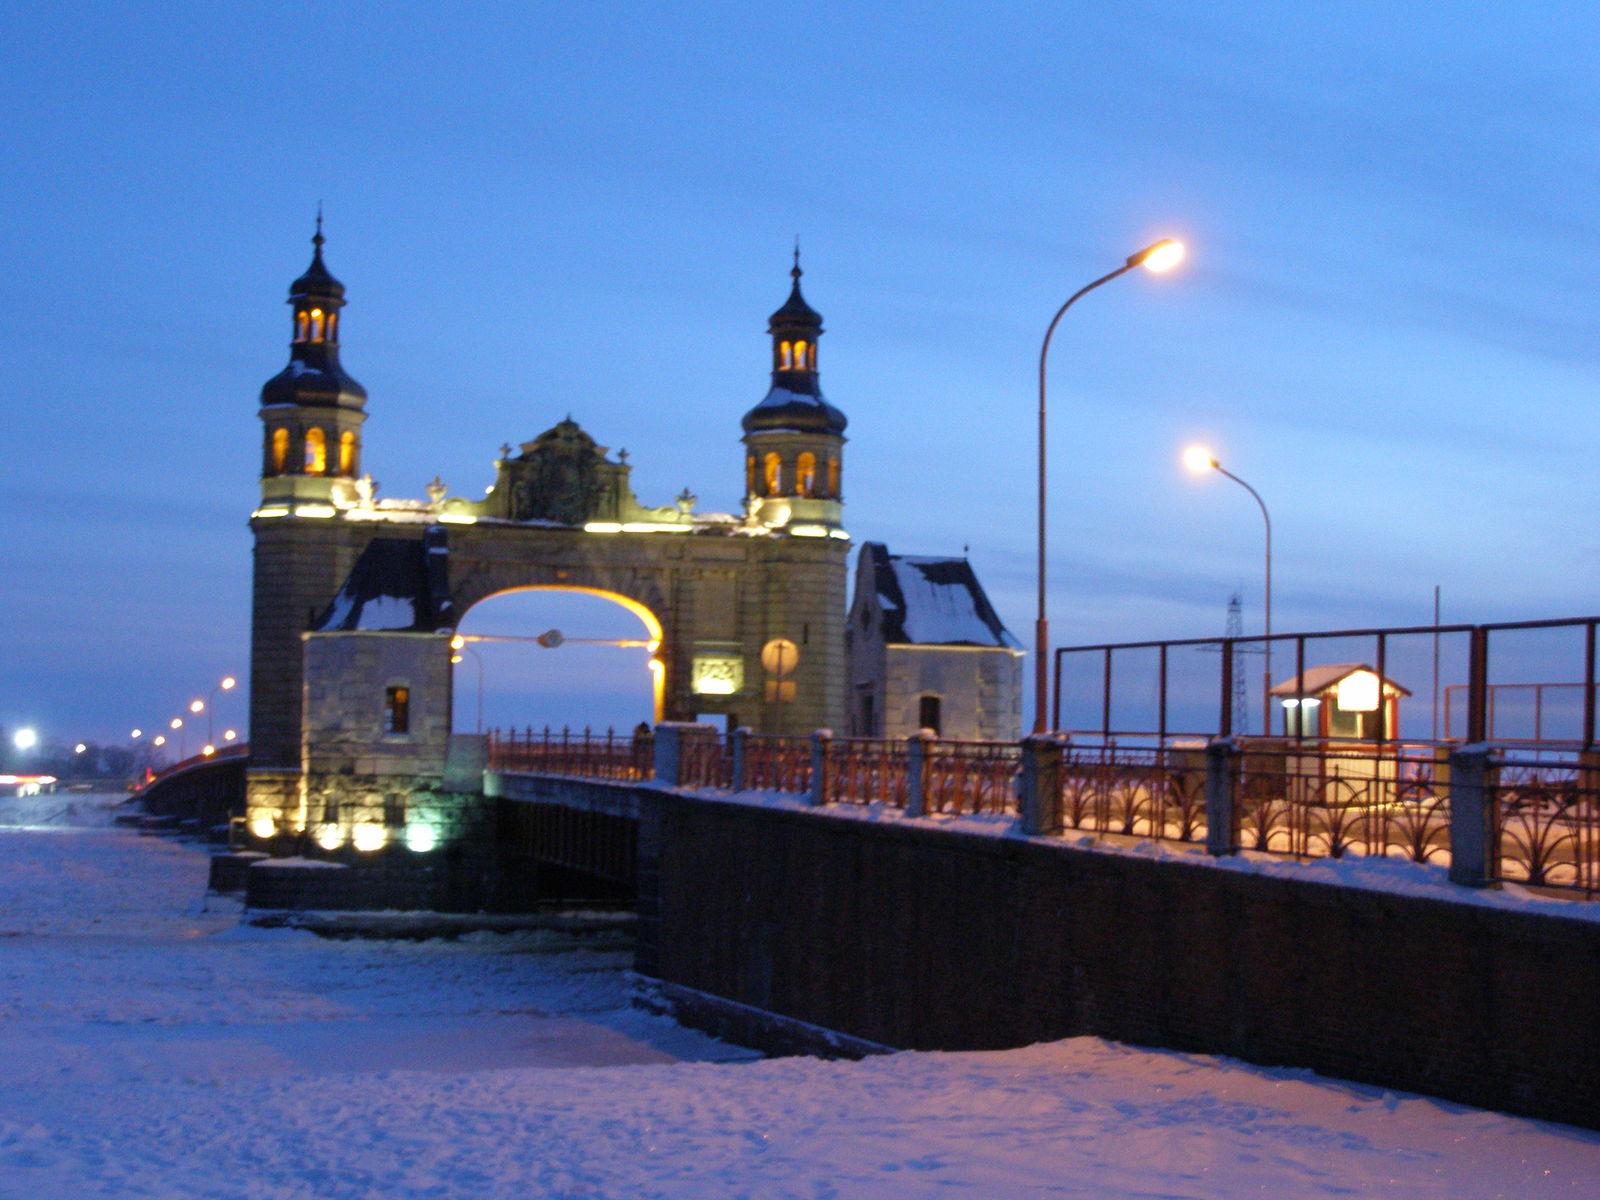 Знаменитый мост королевы Луизы . Посередине моста проходит госграница между Литвой и Калининградской областью.